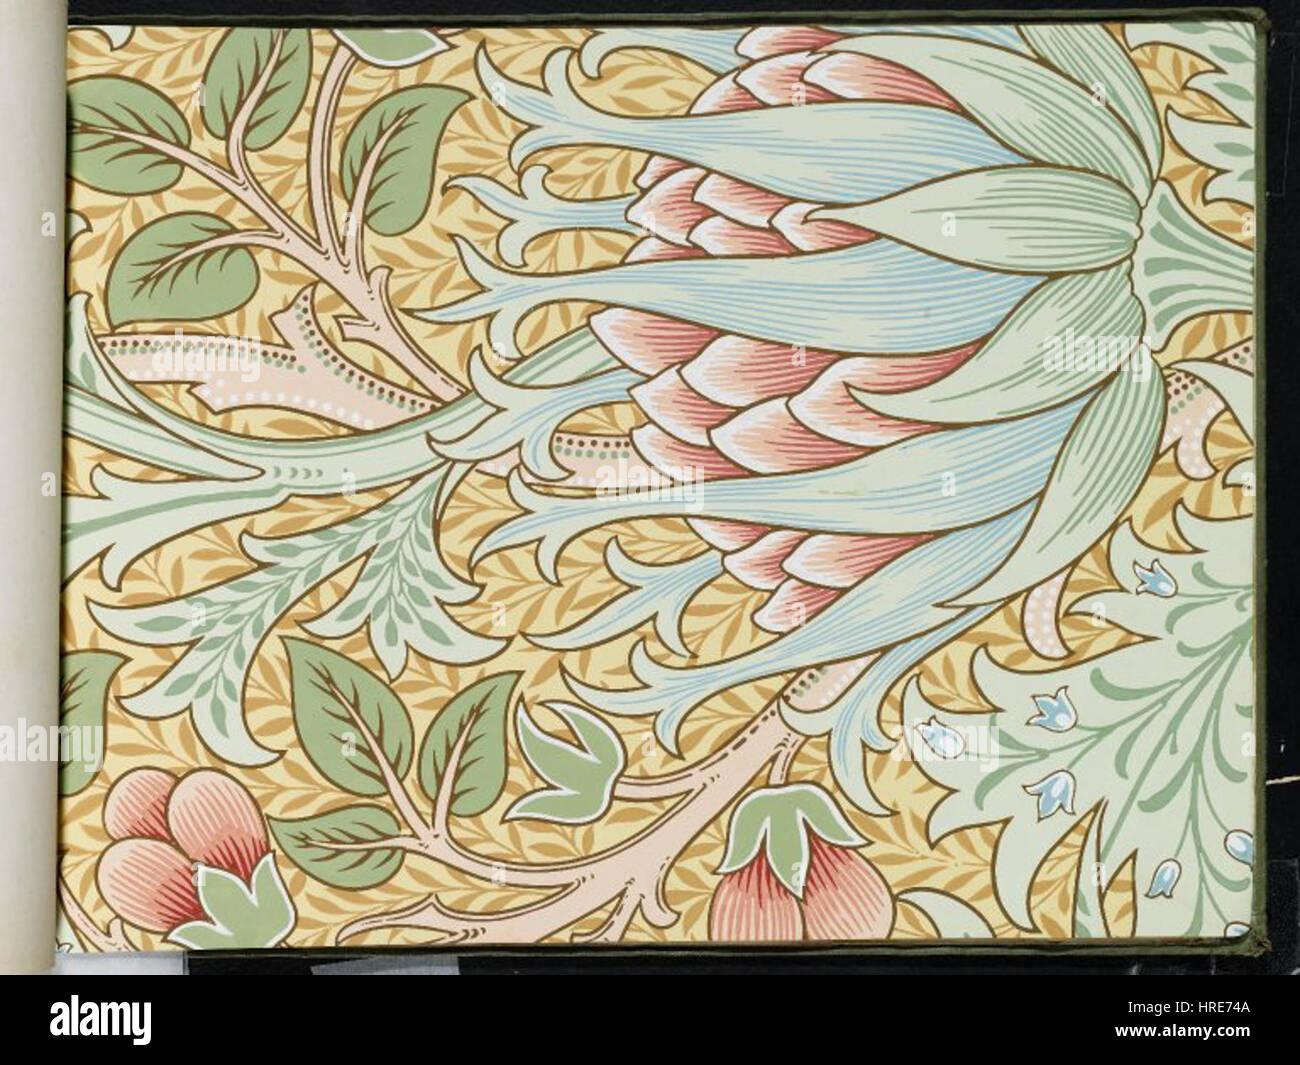 Brooklyn Museum - Wallpaper Sample Book 1 - William Morris and ...